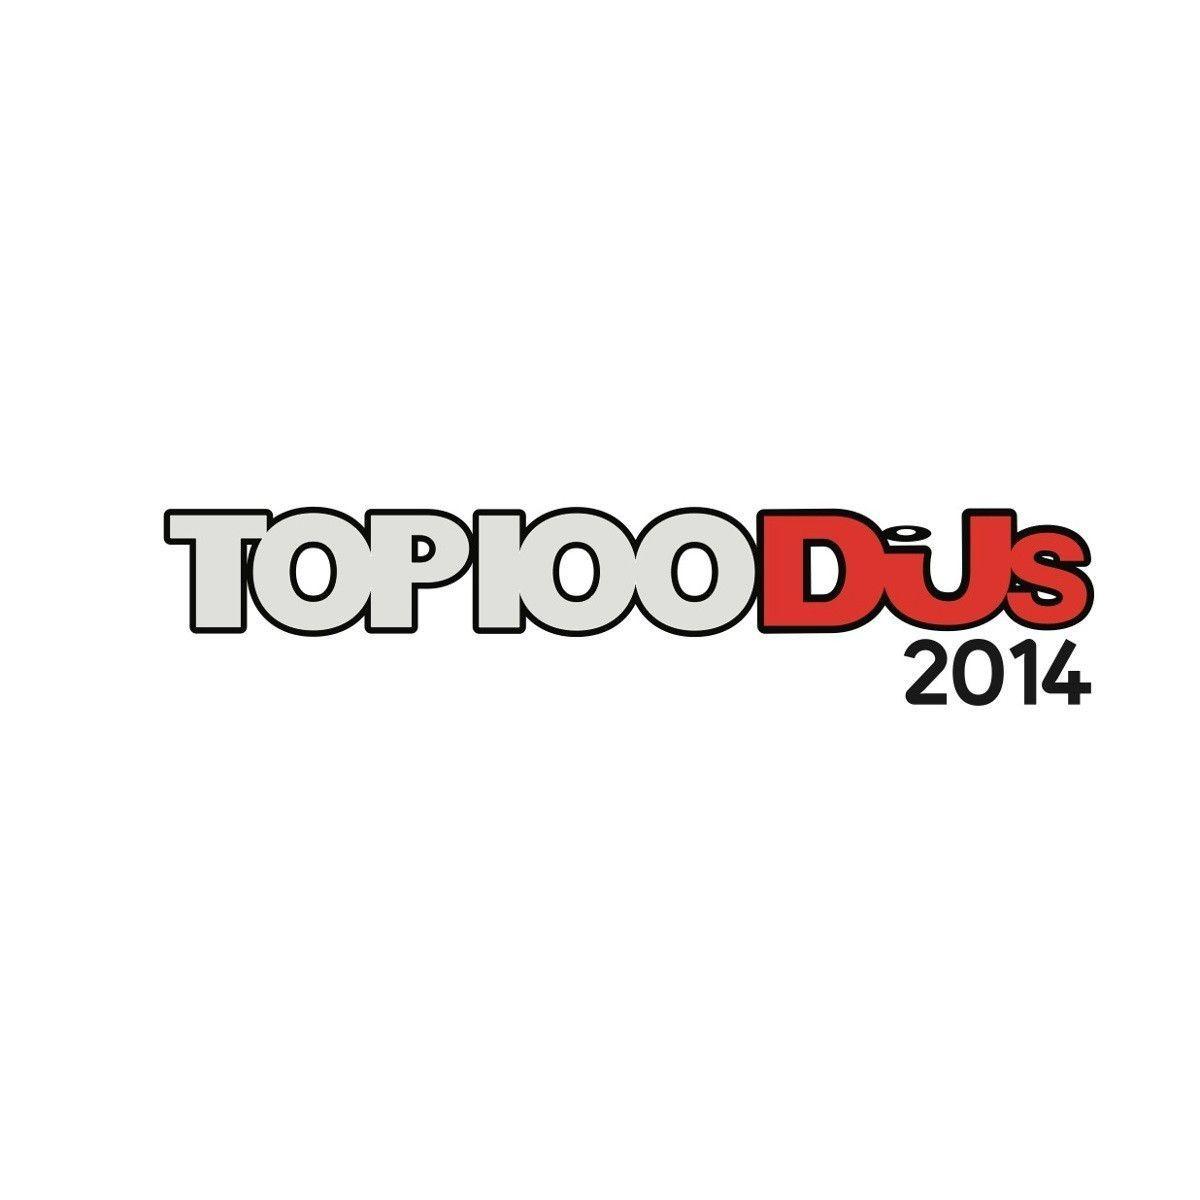 top-100-logo-2014.jpg